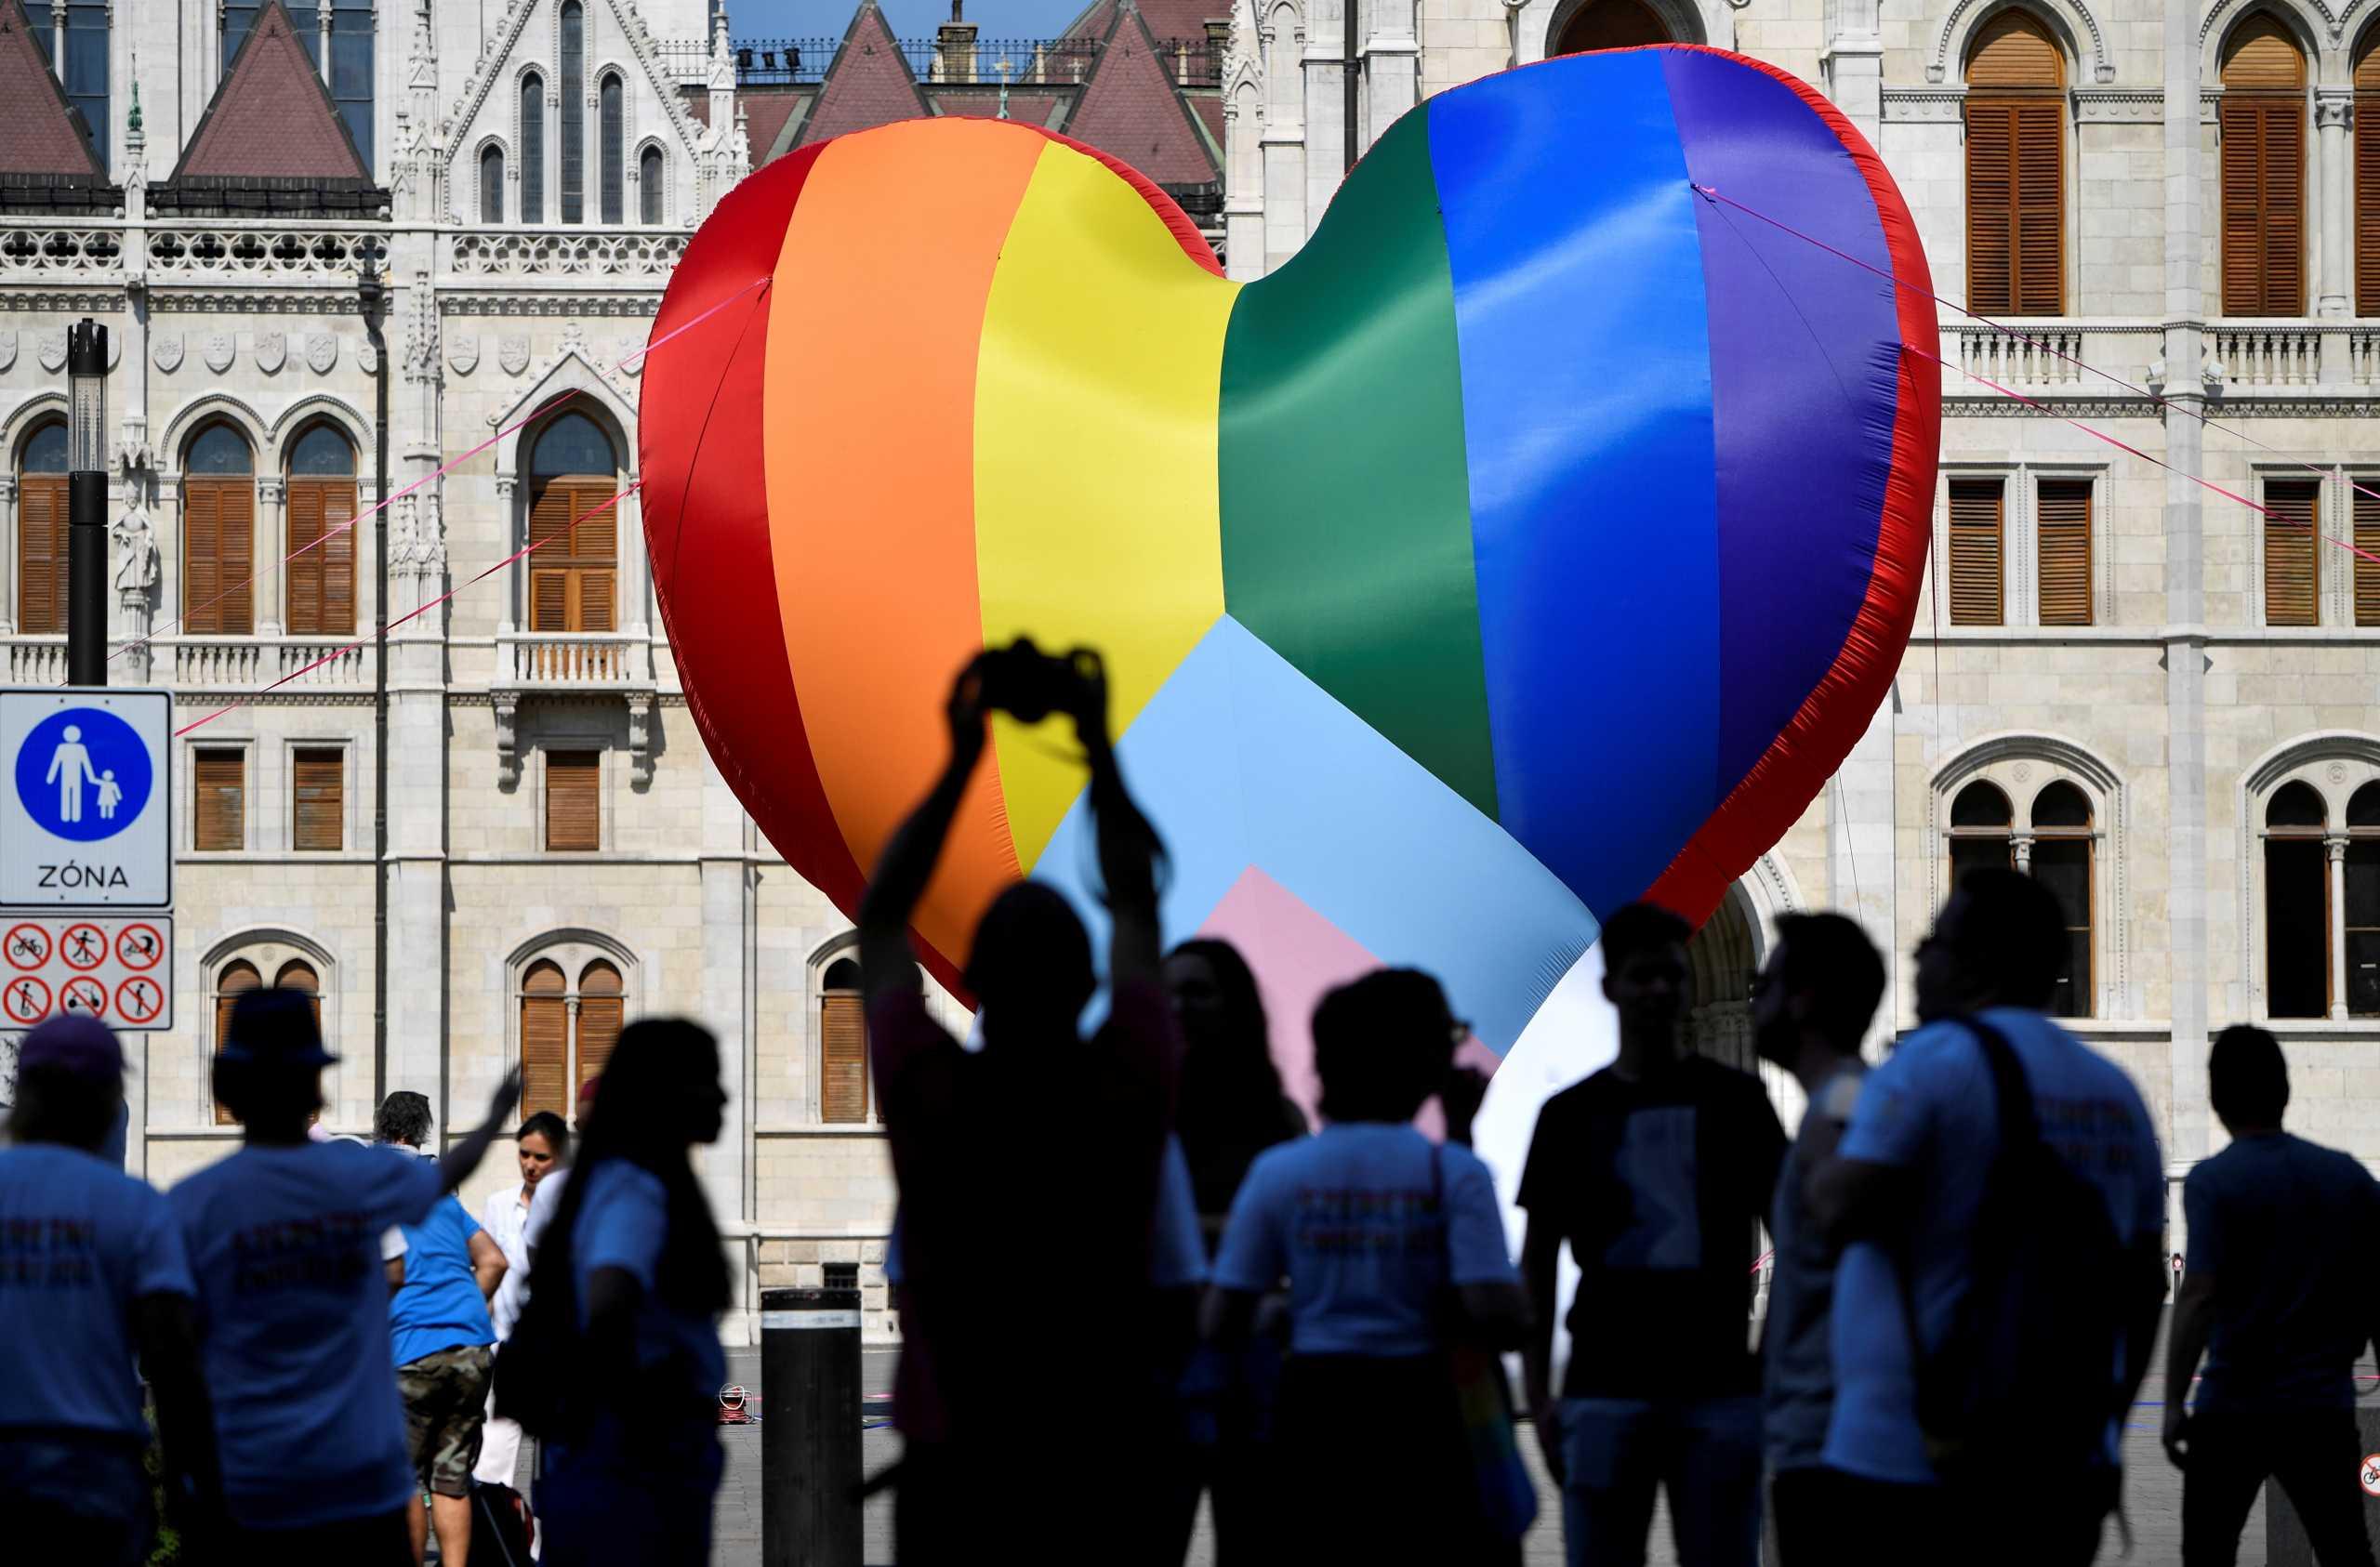 Ουγγαρία: Δημοψήφισμα για το νομοσχέδιο κατά των ΛΟΑΤΚΙ θέλει οΌρμπαν